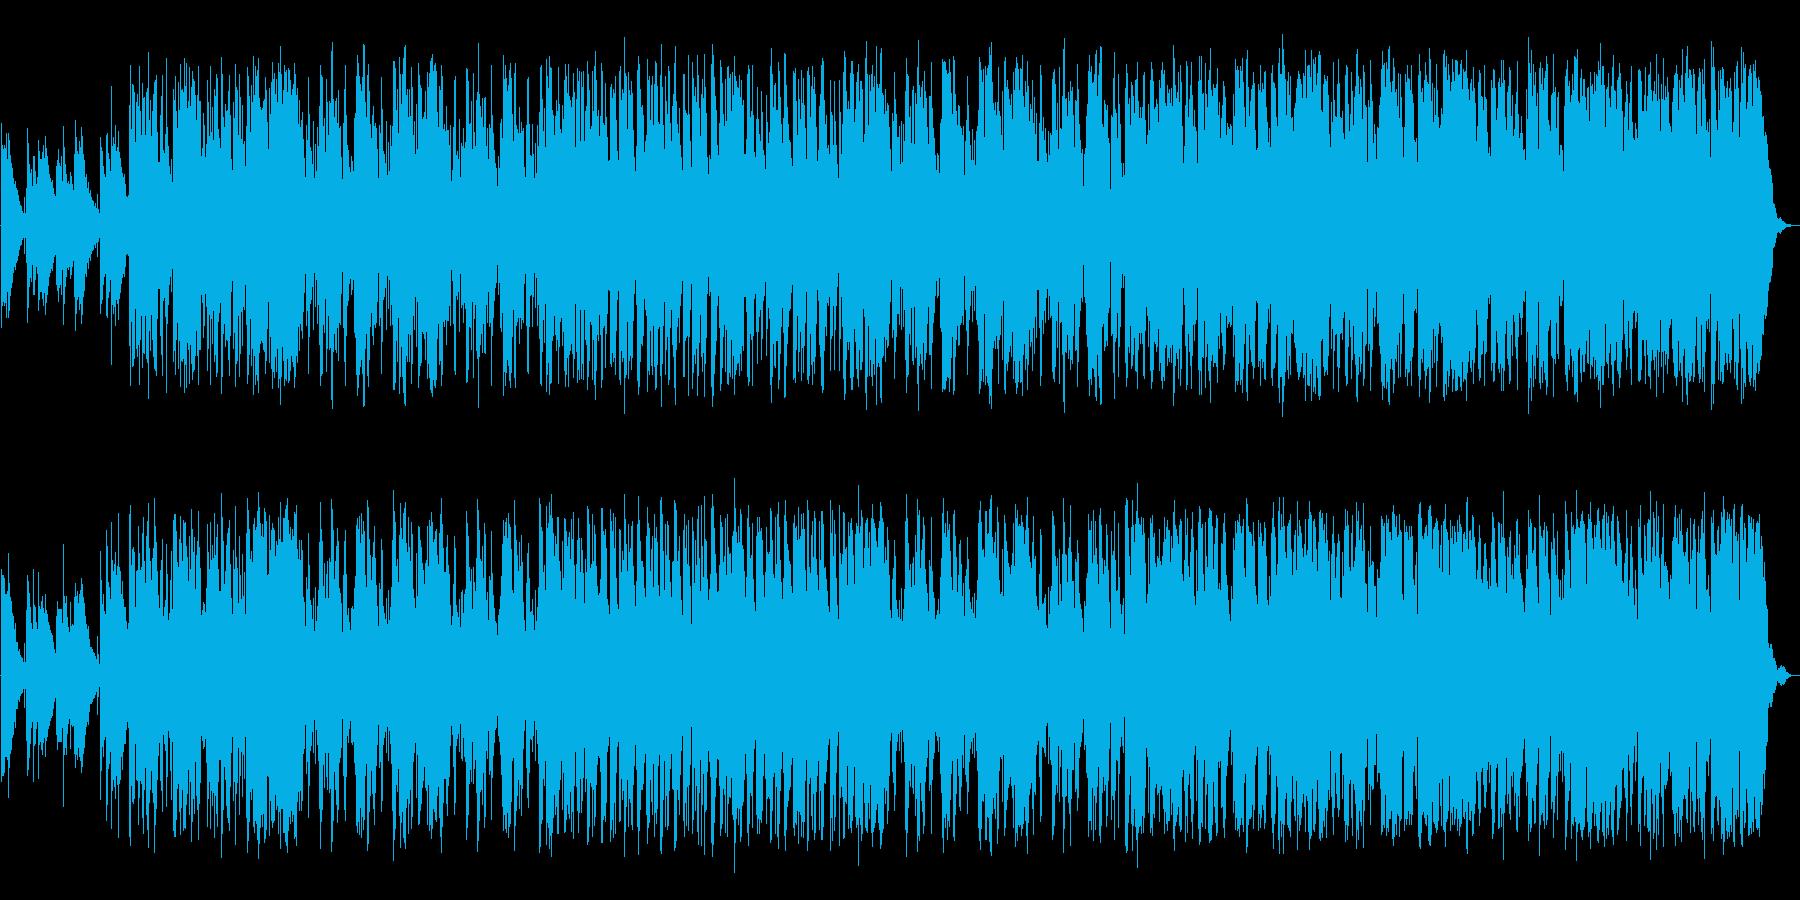 落ち着いたムーディーな夜ジャズの再生済みの波形